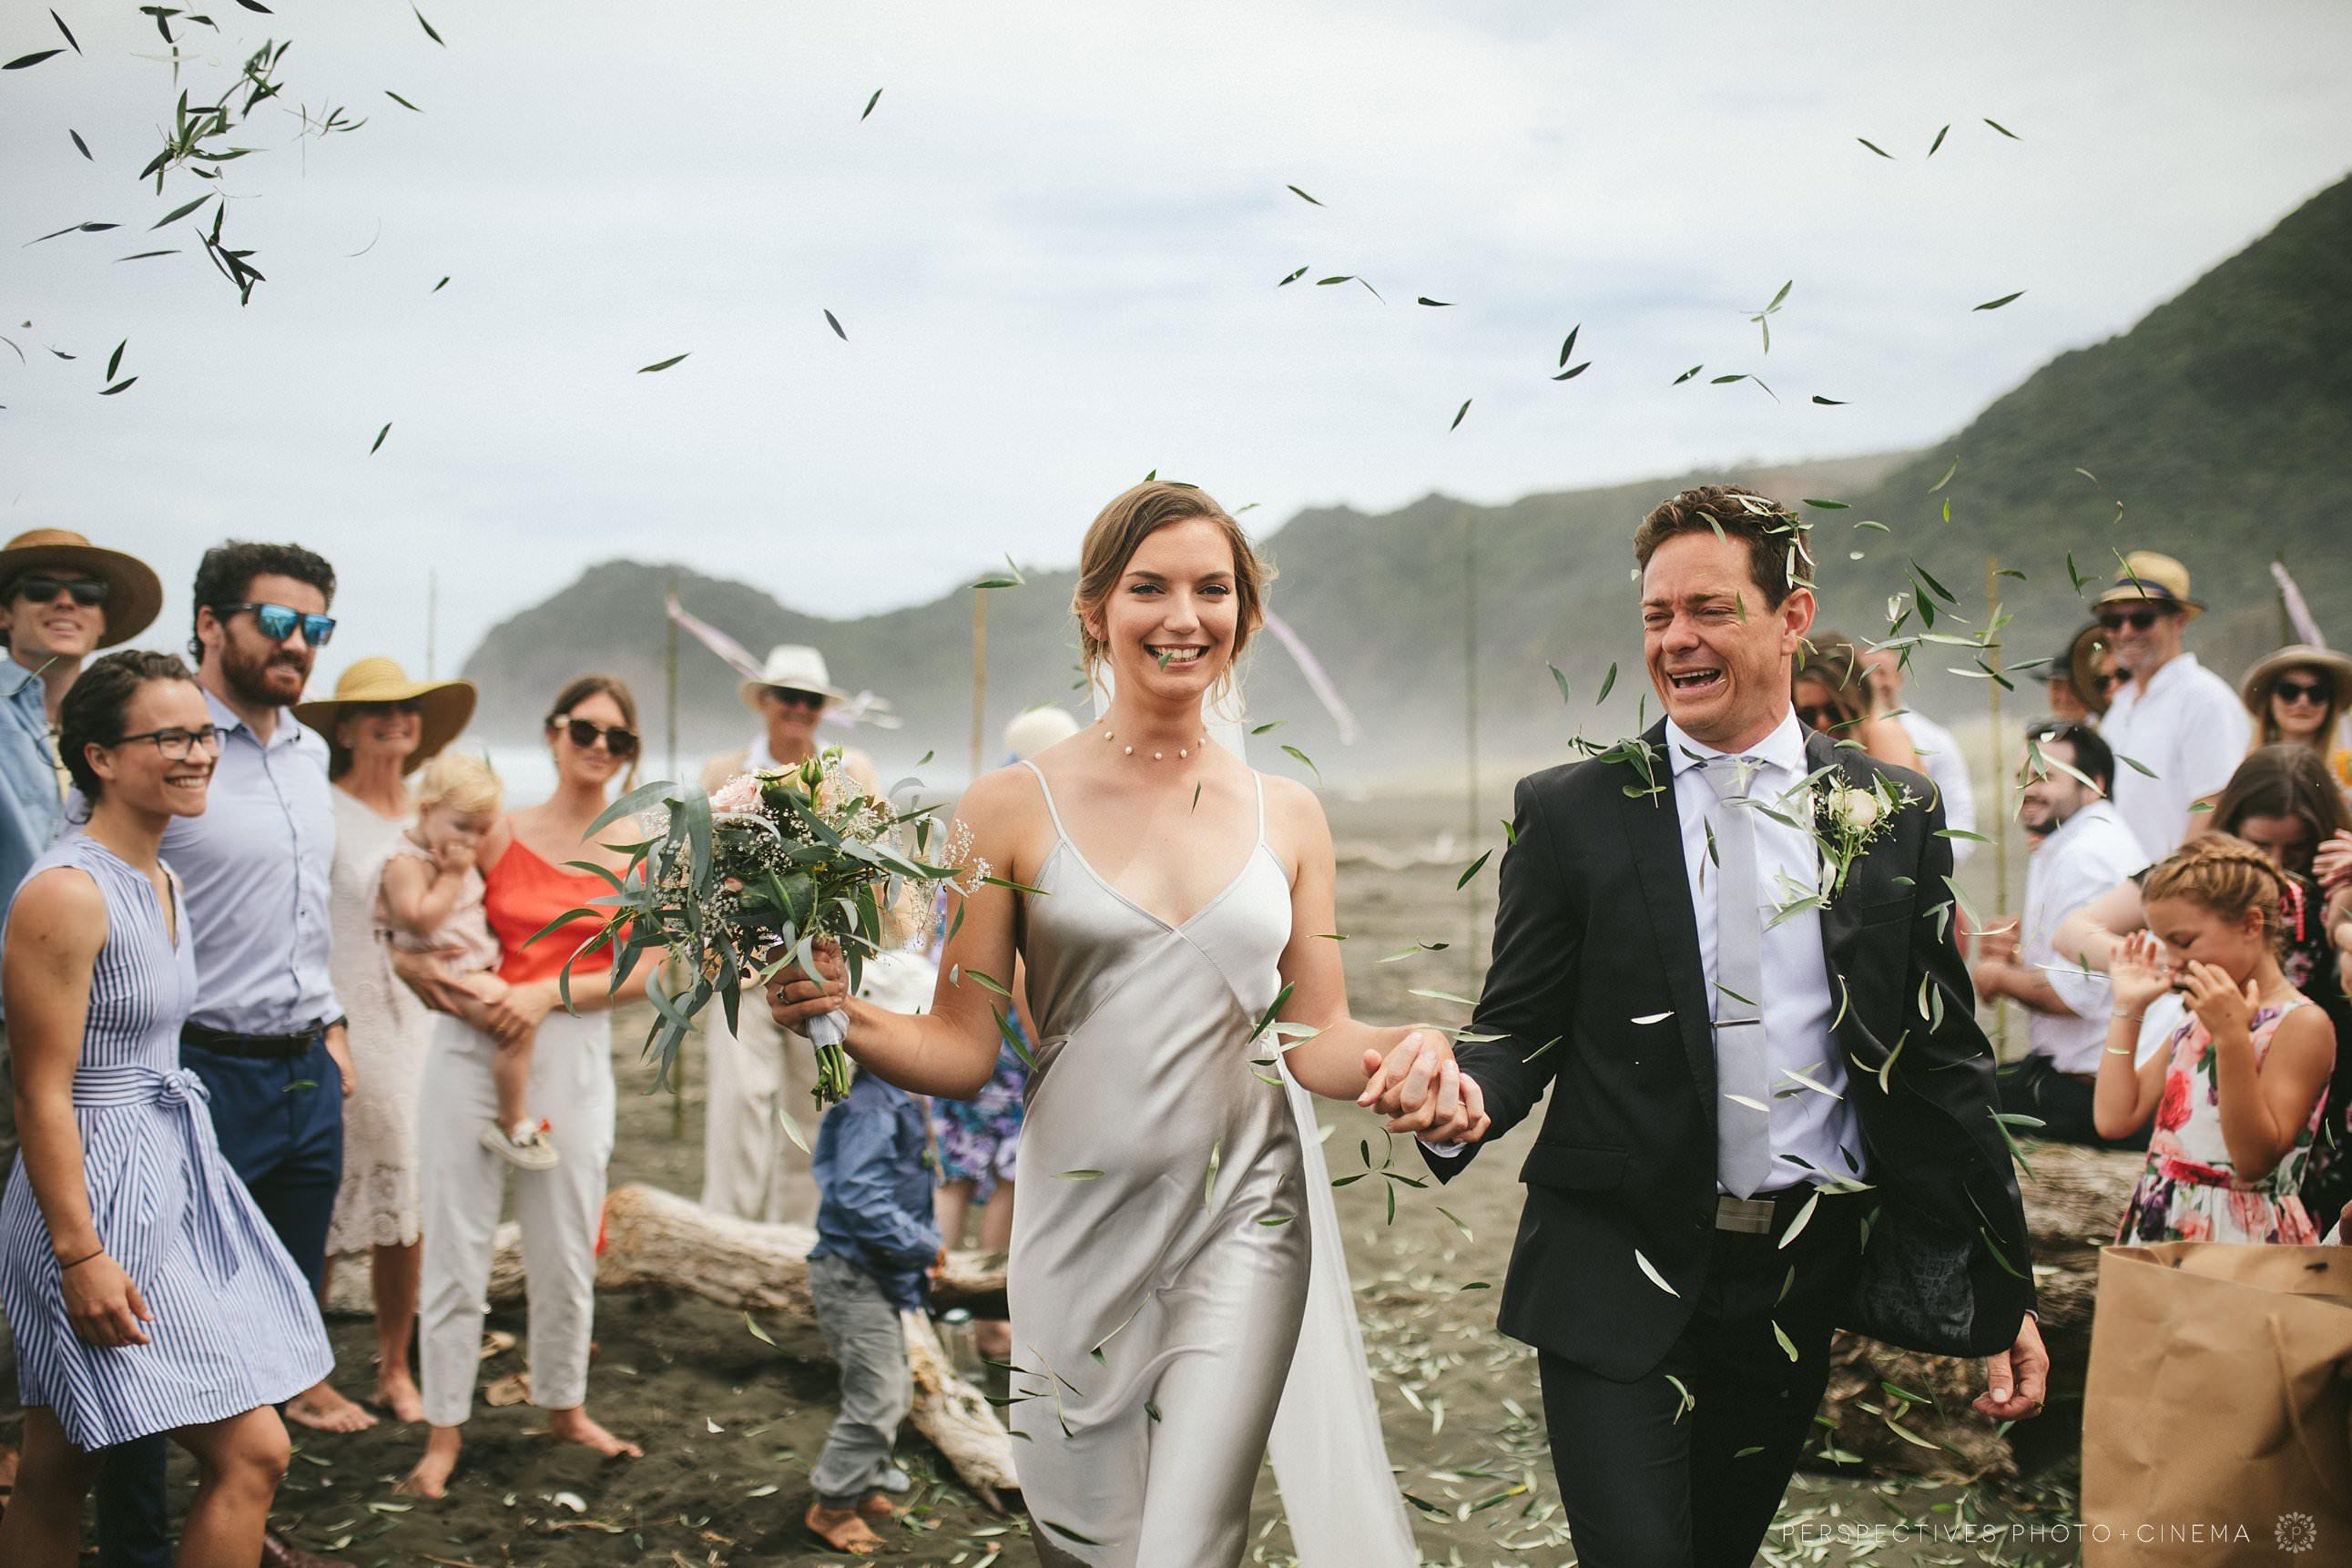 Piha beach Auckland wedding photos ceremony on beach